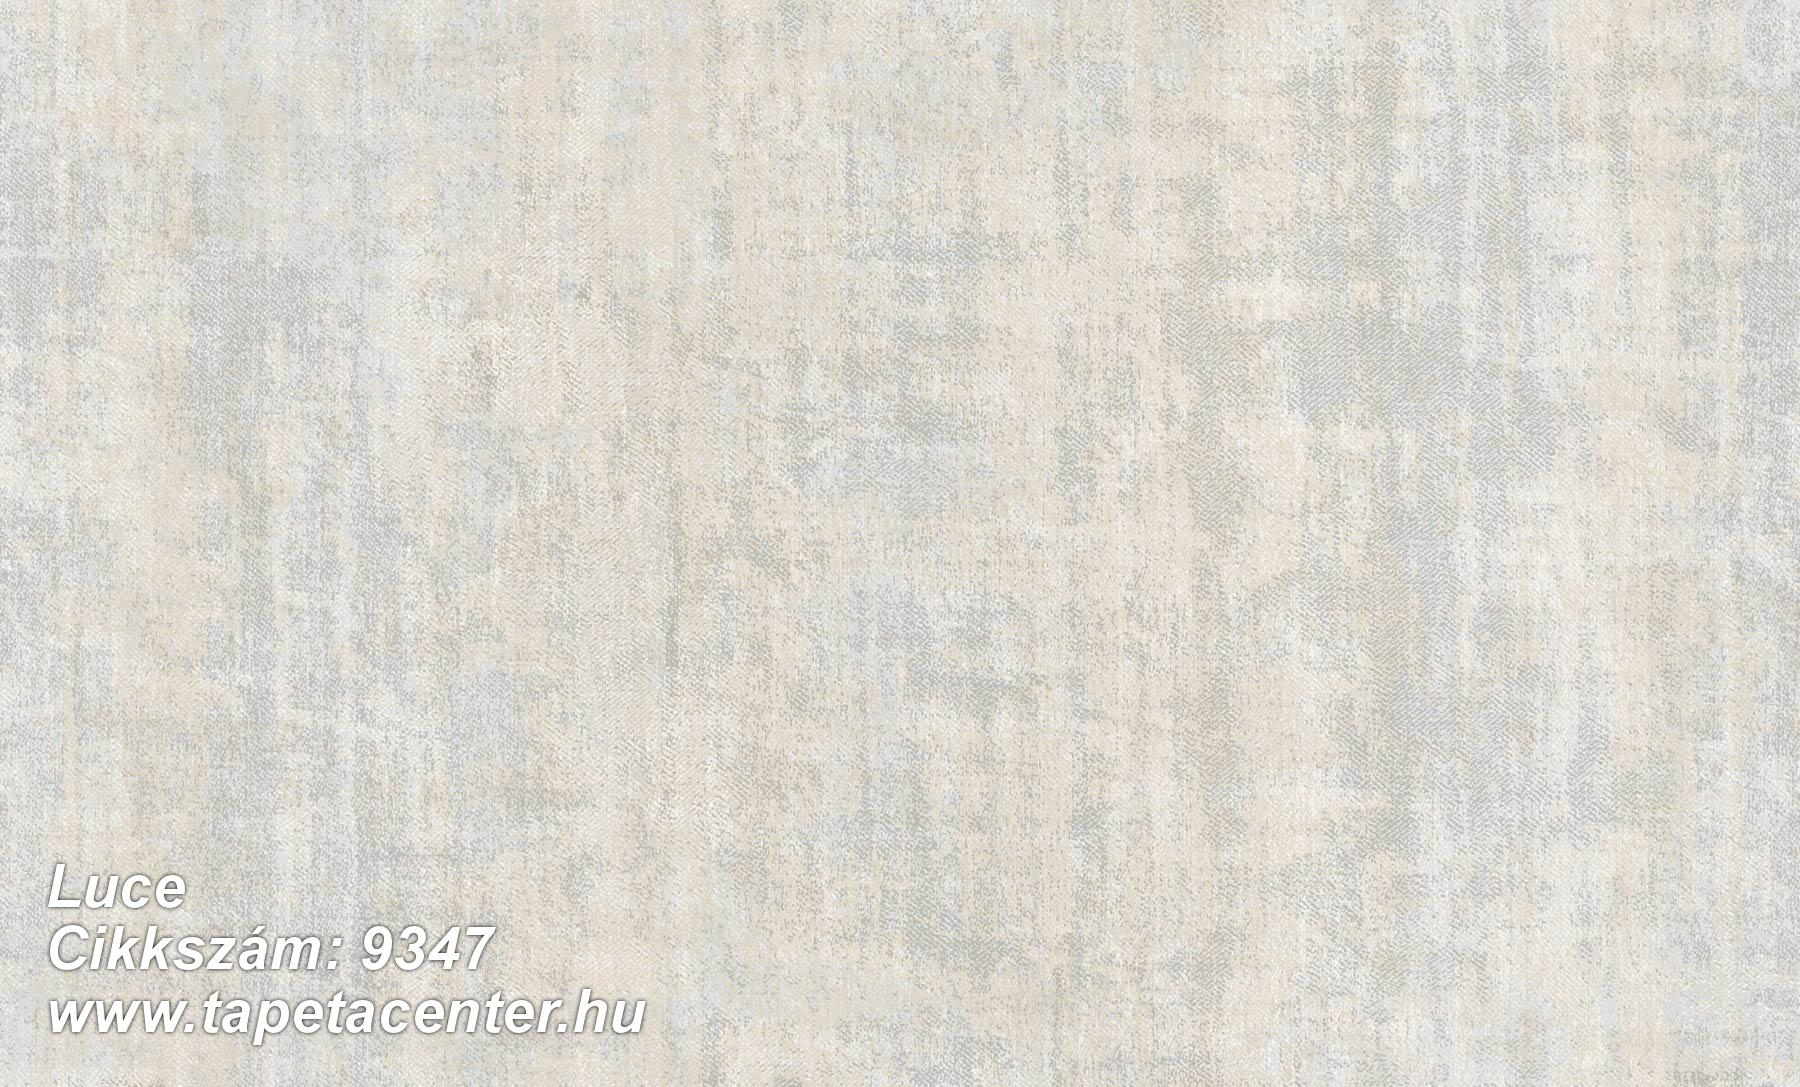 Egyszínű,textil hatású,bézs-drapp,kék,szürke,súrolható,vlies tapéta